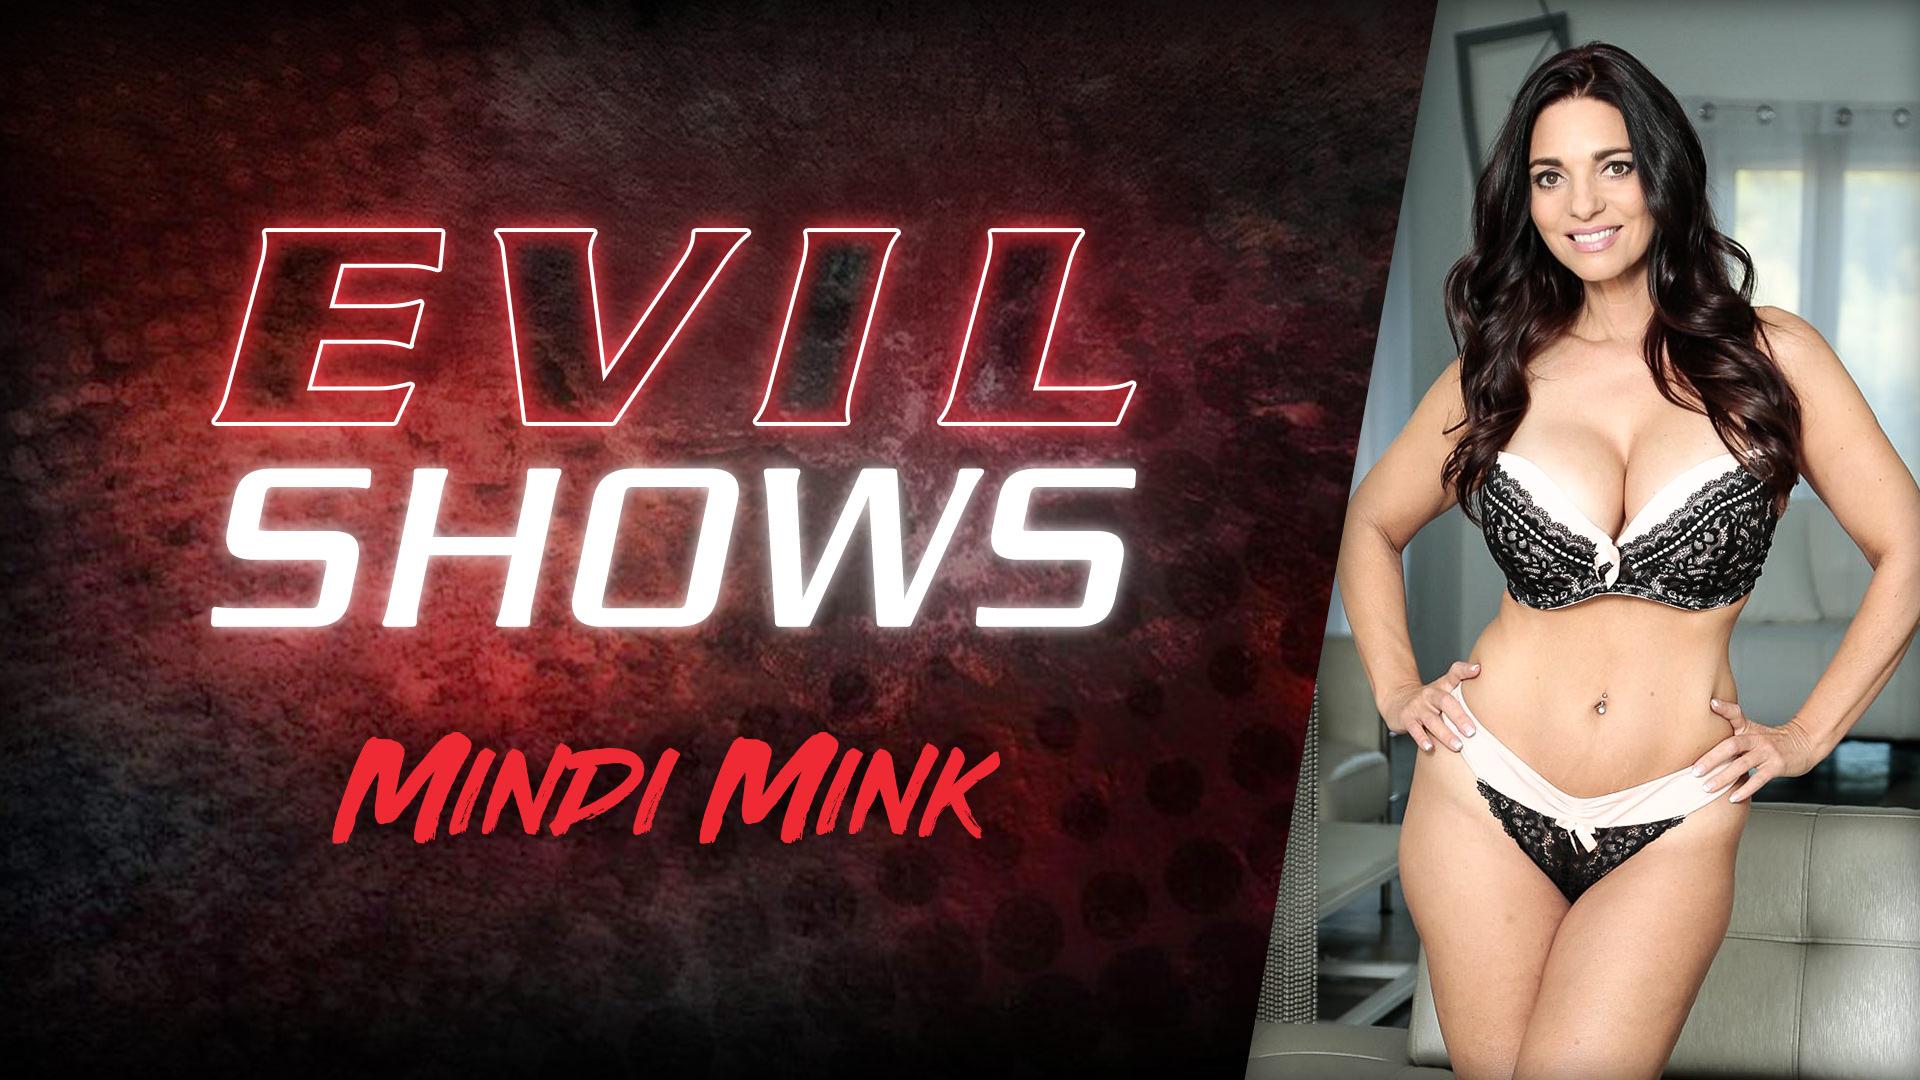 Evil Shows - Mindi Mink - Mindi Mink 1